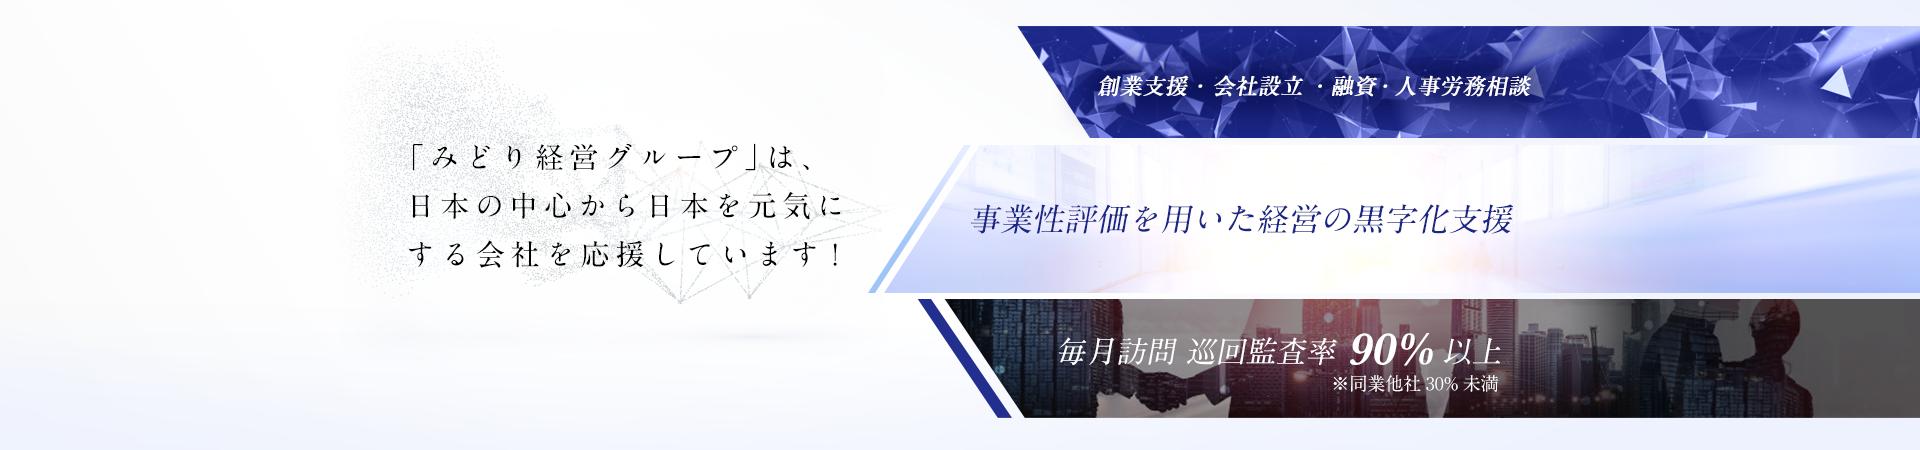 みどり経営グループ_ホームページ